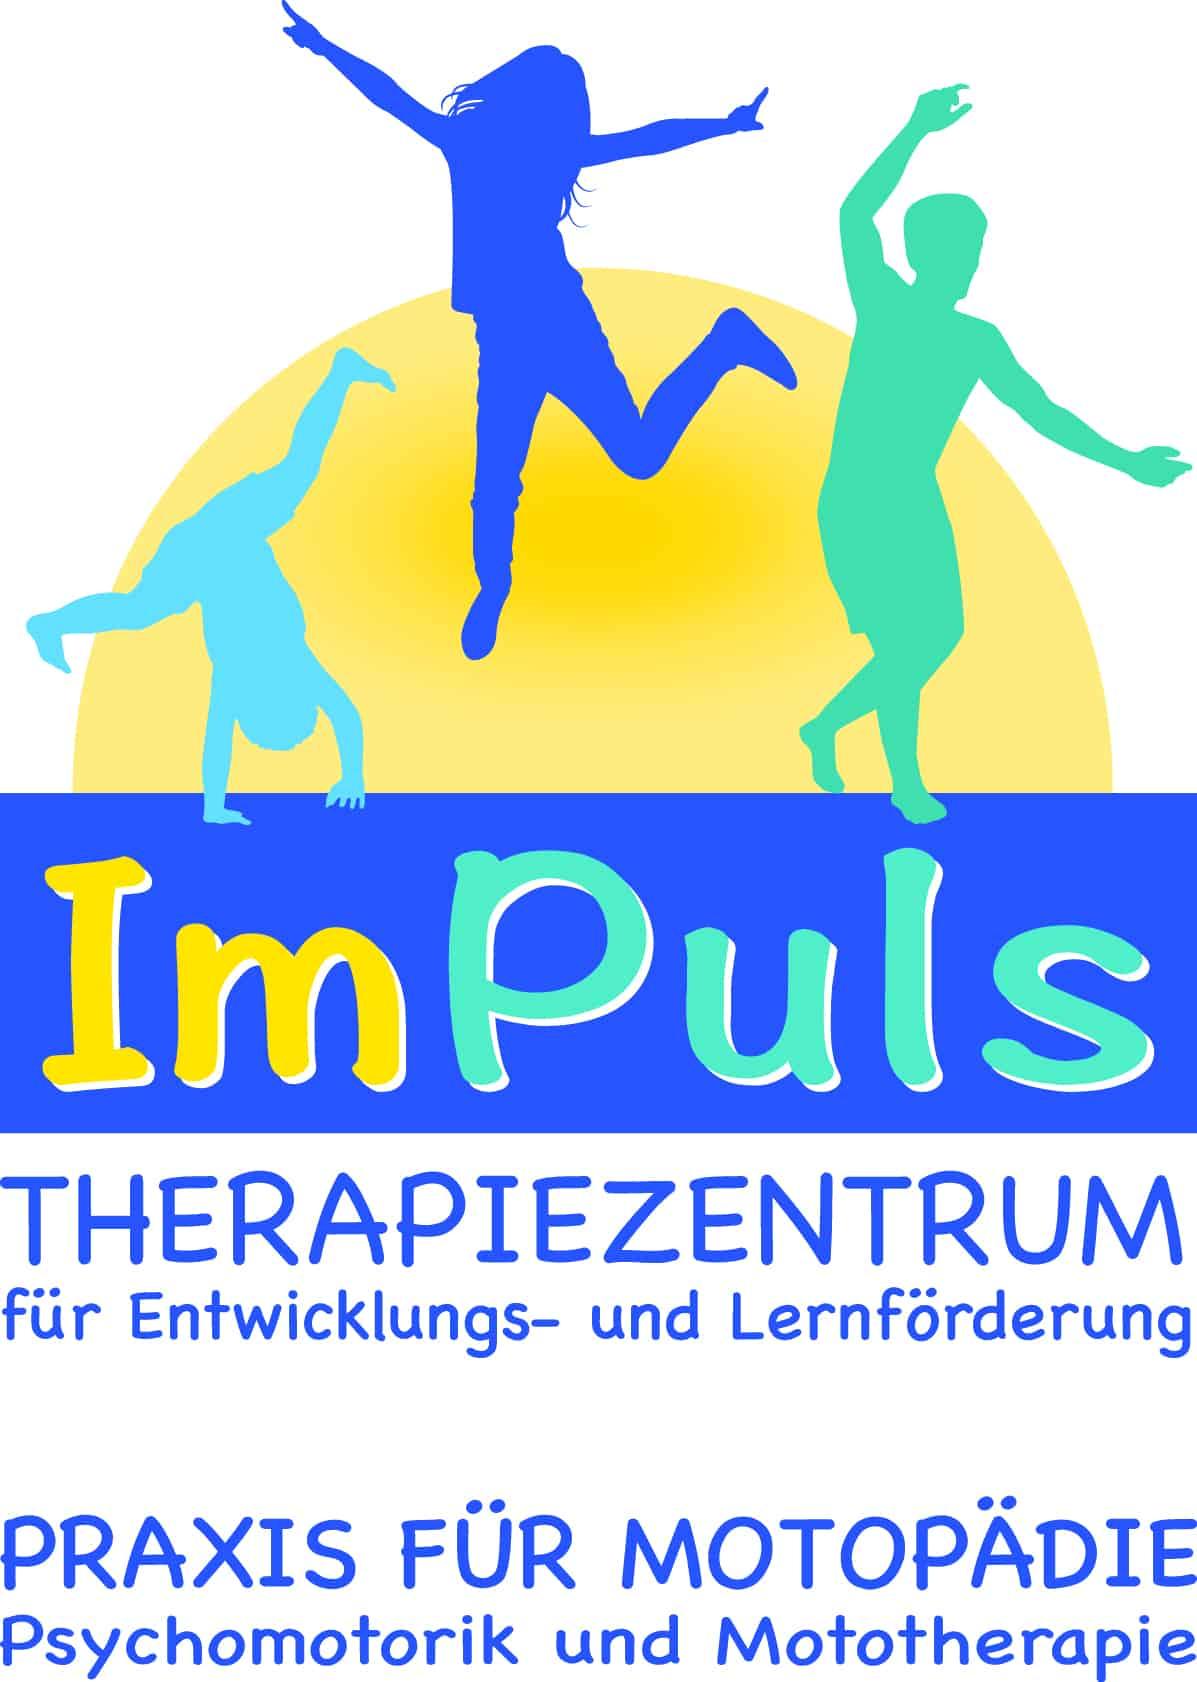 ImPuls Therapiezentrum